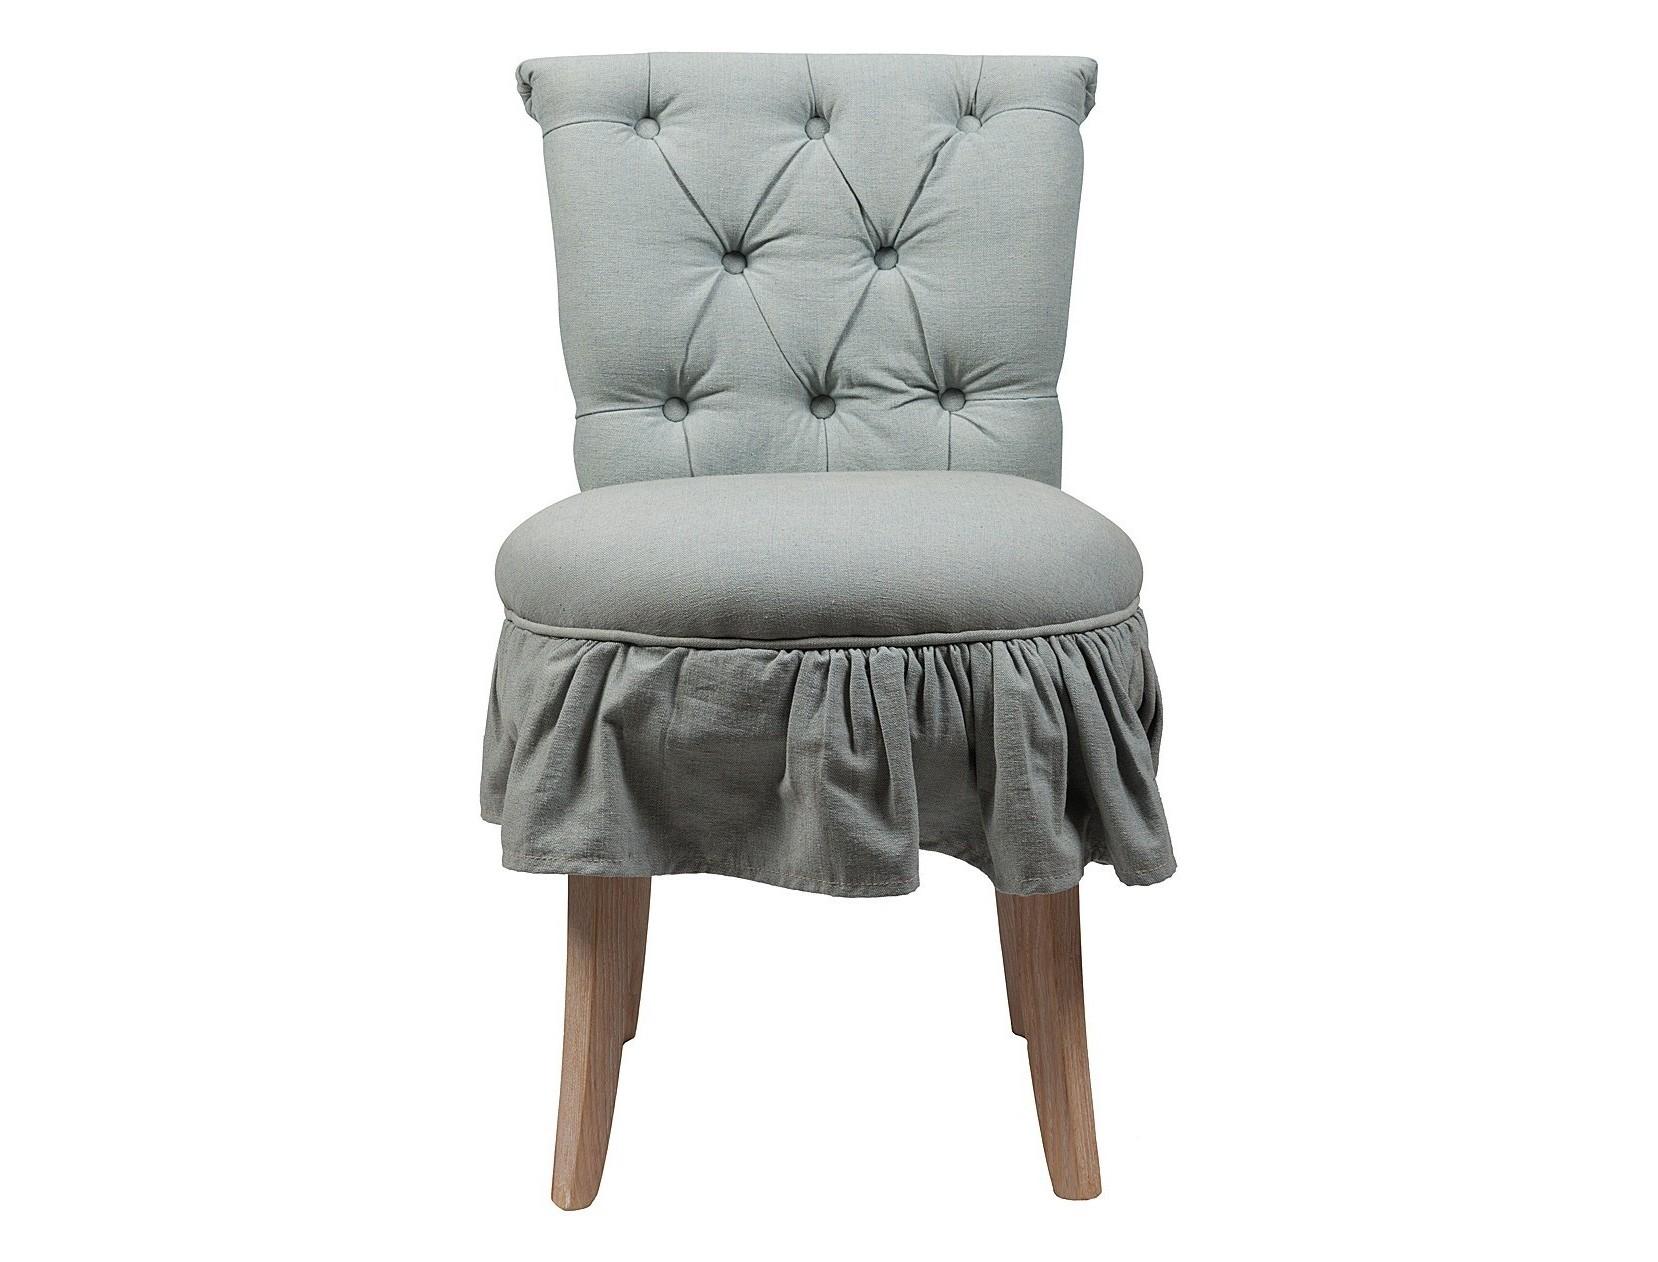 Стул Denim ChambrayОбеденные стулья<br>Эстетически приятный мягкий обеденный стул Denim Chambray в обивке из прочной, простой в уходе, льняной ткани серо-голубого цвета. Высокая, расширяющаяся кверху спинка декорирована обтяжными пуговицами в технике капитоне, основание из твердого дубового дерева со светлыми полированными ножками обеспечит уверенность и прочность. Этот элегантный стул классического дизайна прекрасно впишется в любой стиль вашей столовой, создаст приятную обеденную атмосферу.<br><br>Material: Текстиль<br>Width см: 50<br>Depth см: 62,5<br>Height см: 84